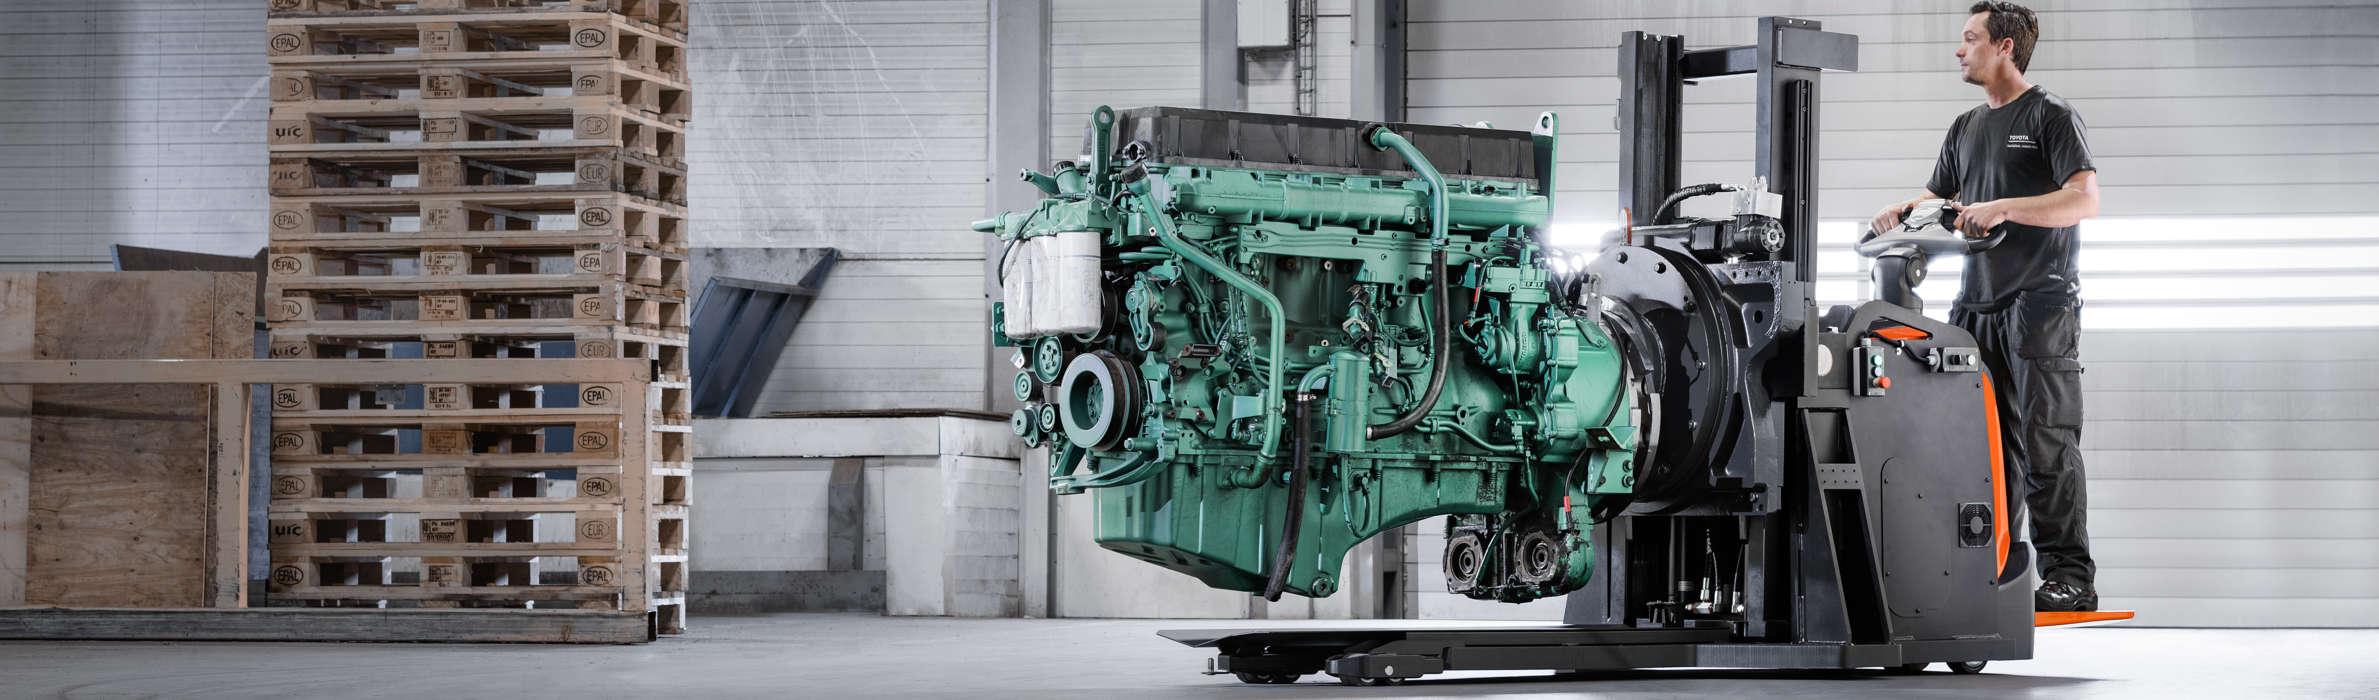 Toyota Material Handling met à votre disposition la force de son organisation pour trouver la solution chariots parfaitement adaptée à votre application